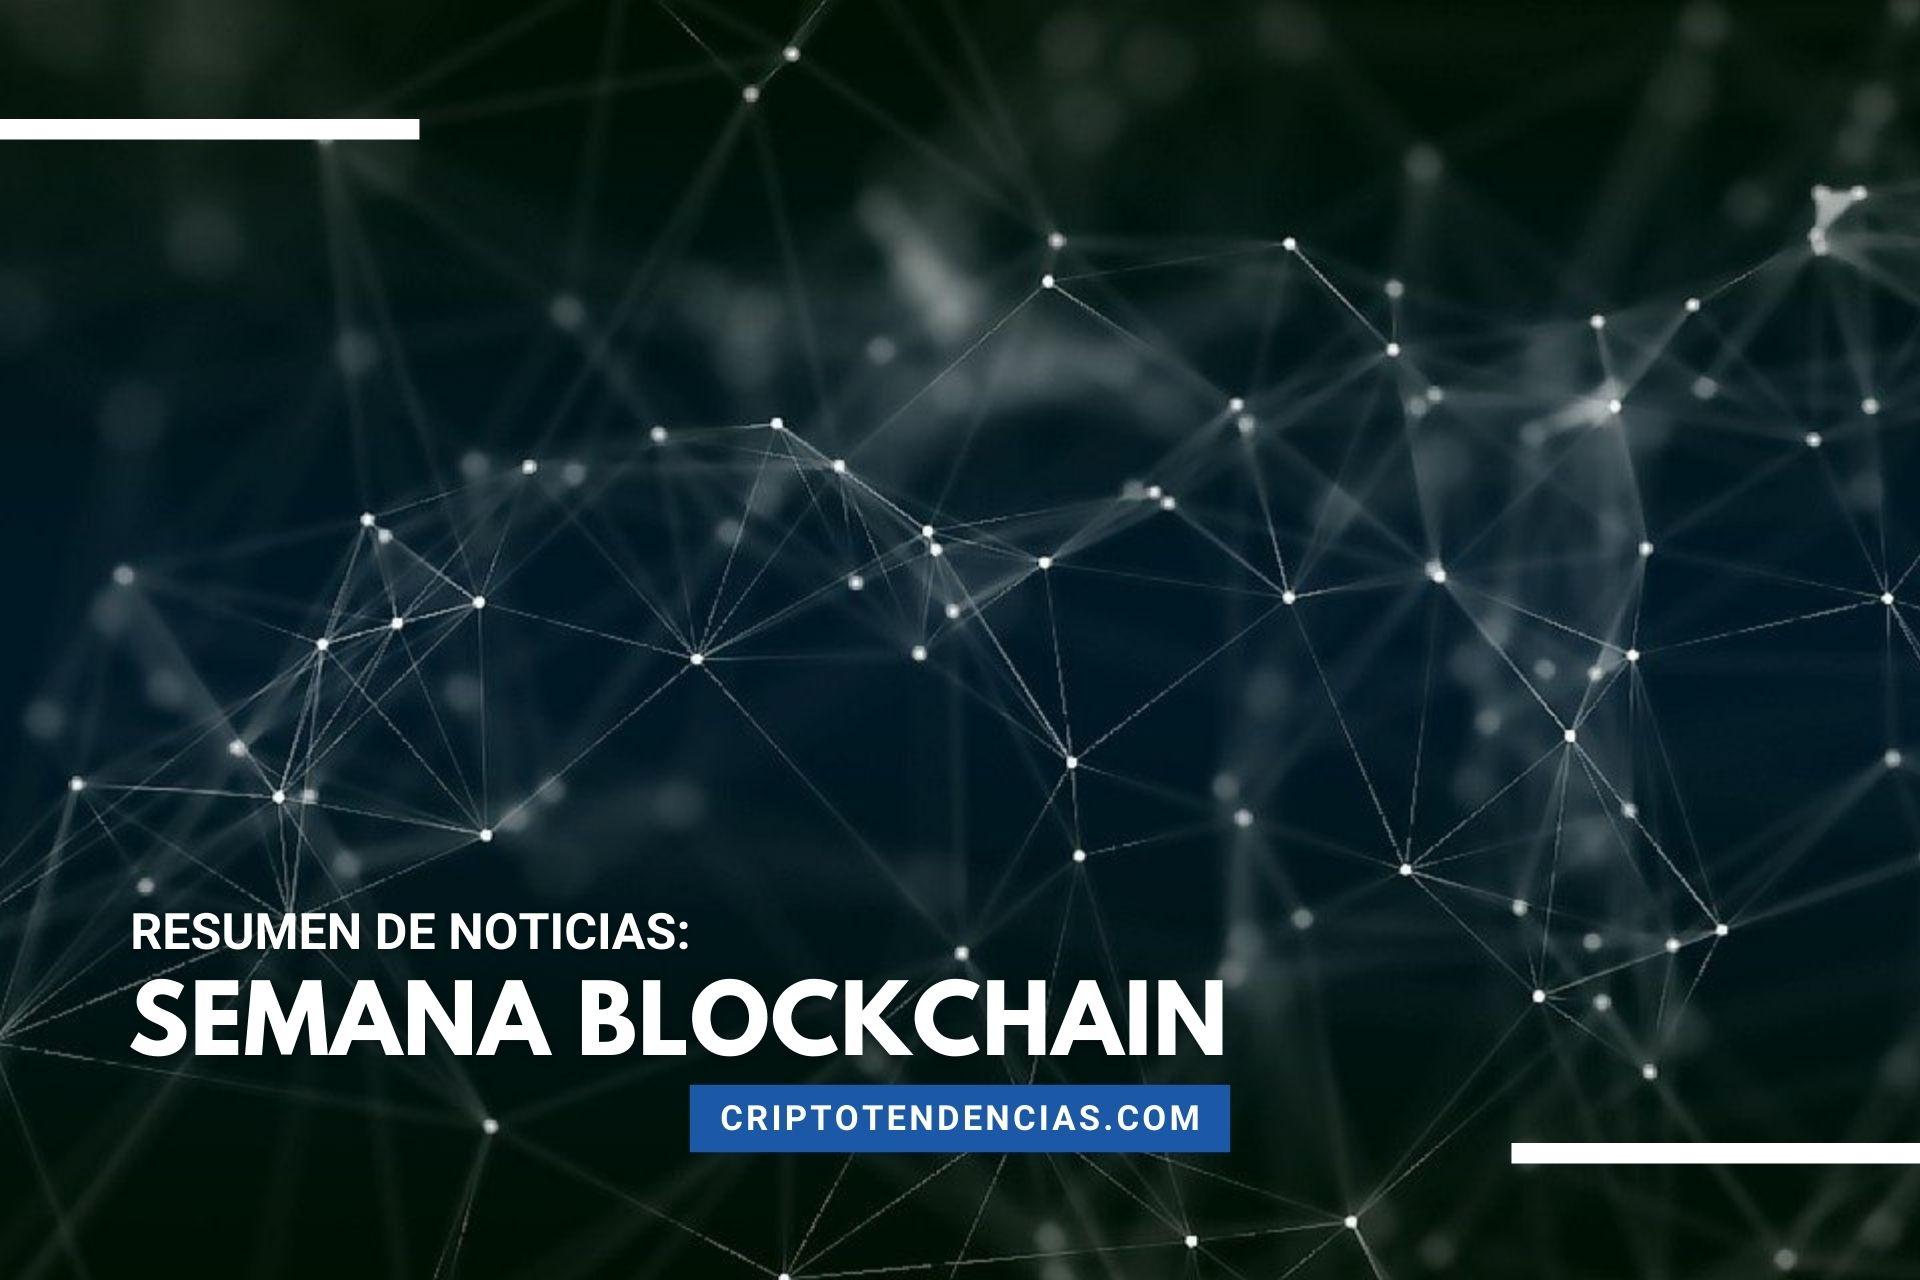 Traemos lo mejor de la tecnología blockchain y los NFT en Semana Blockchain